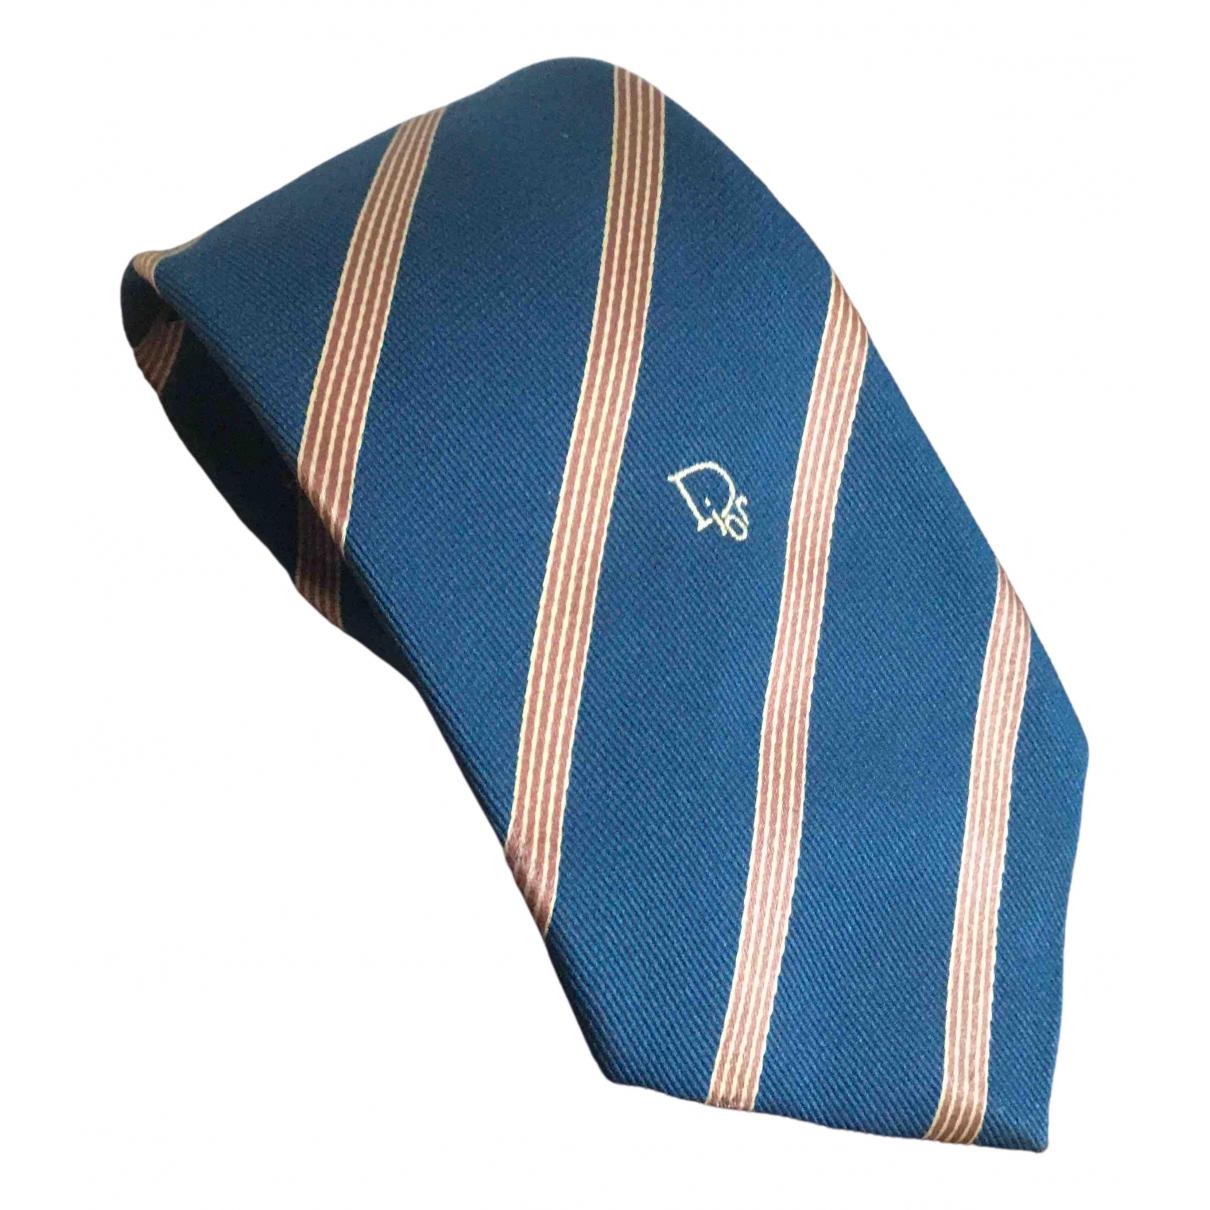 Christian Dior N Blue Ties for Men N